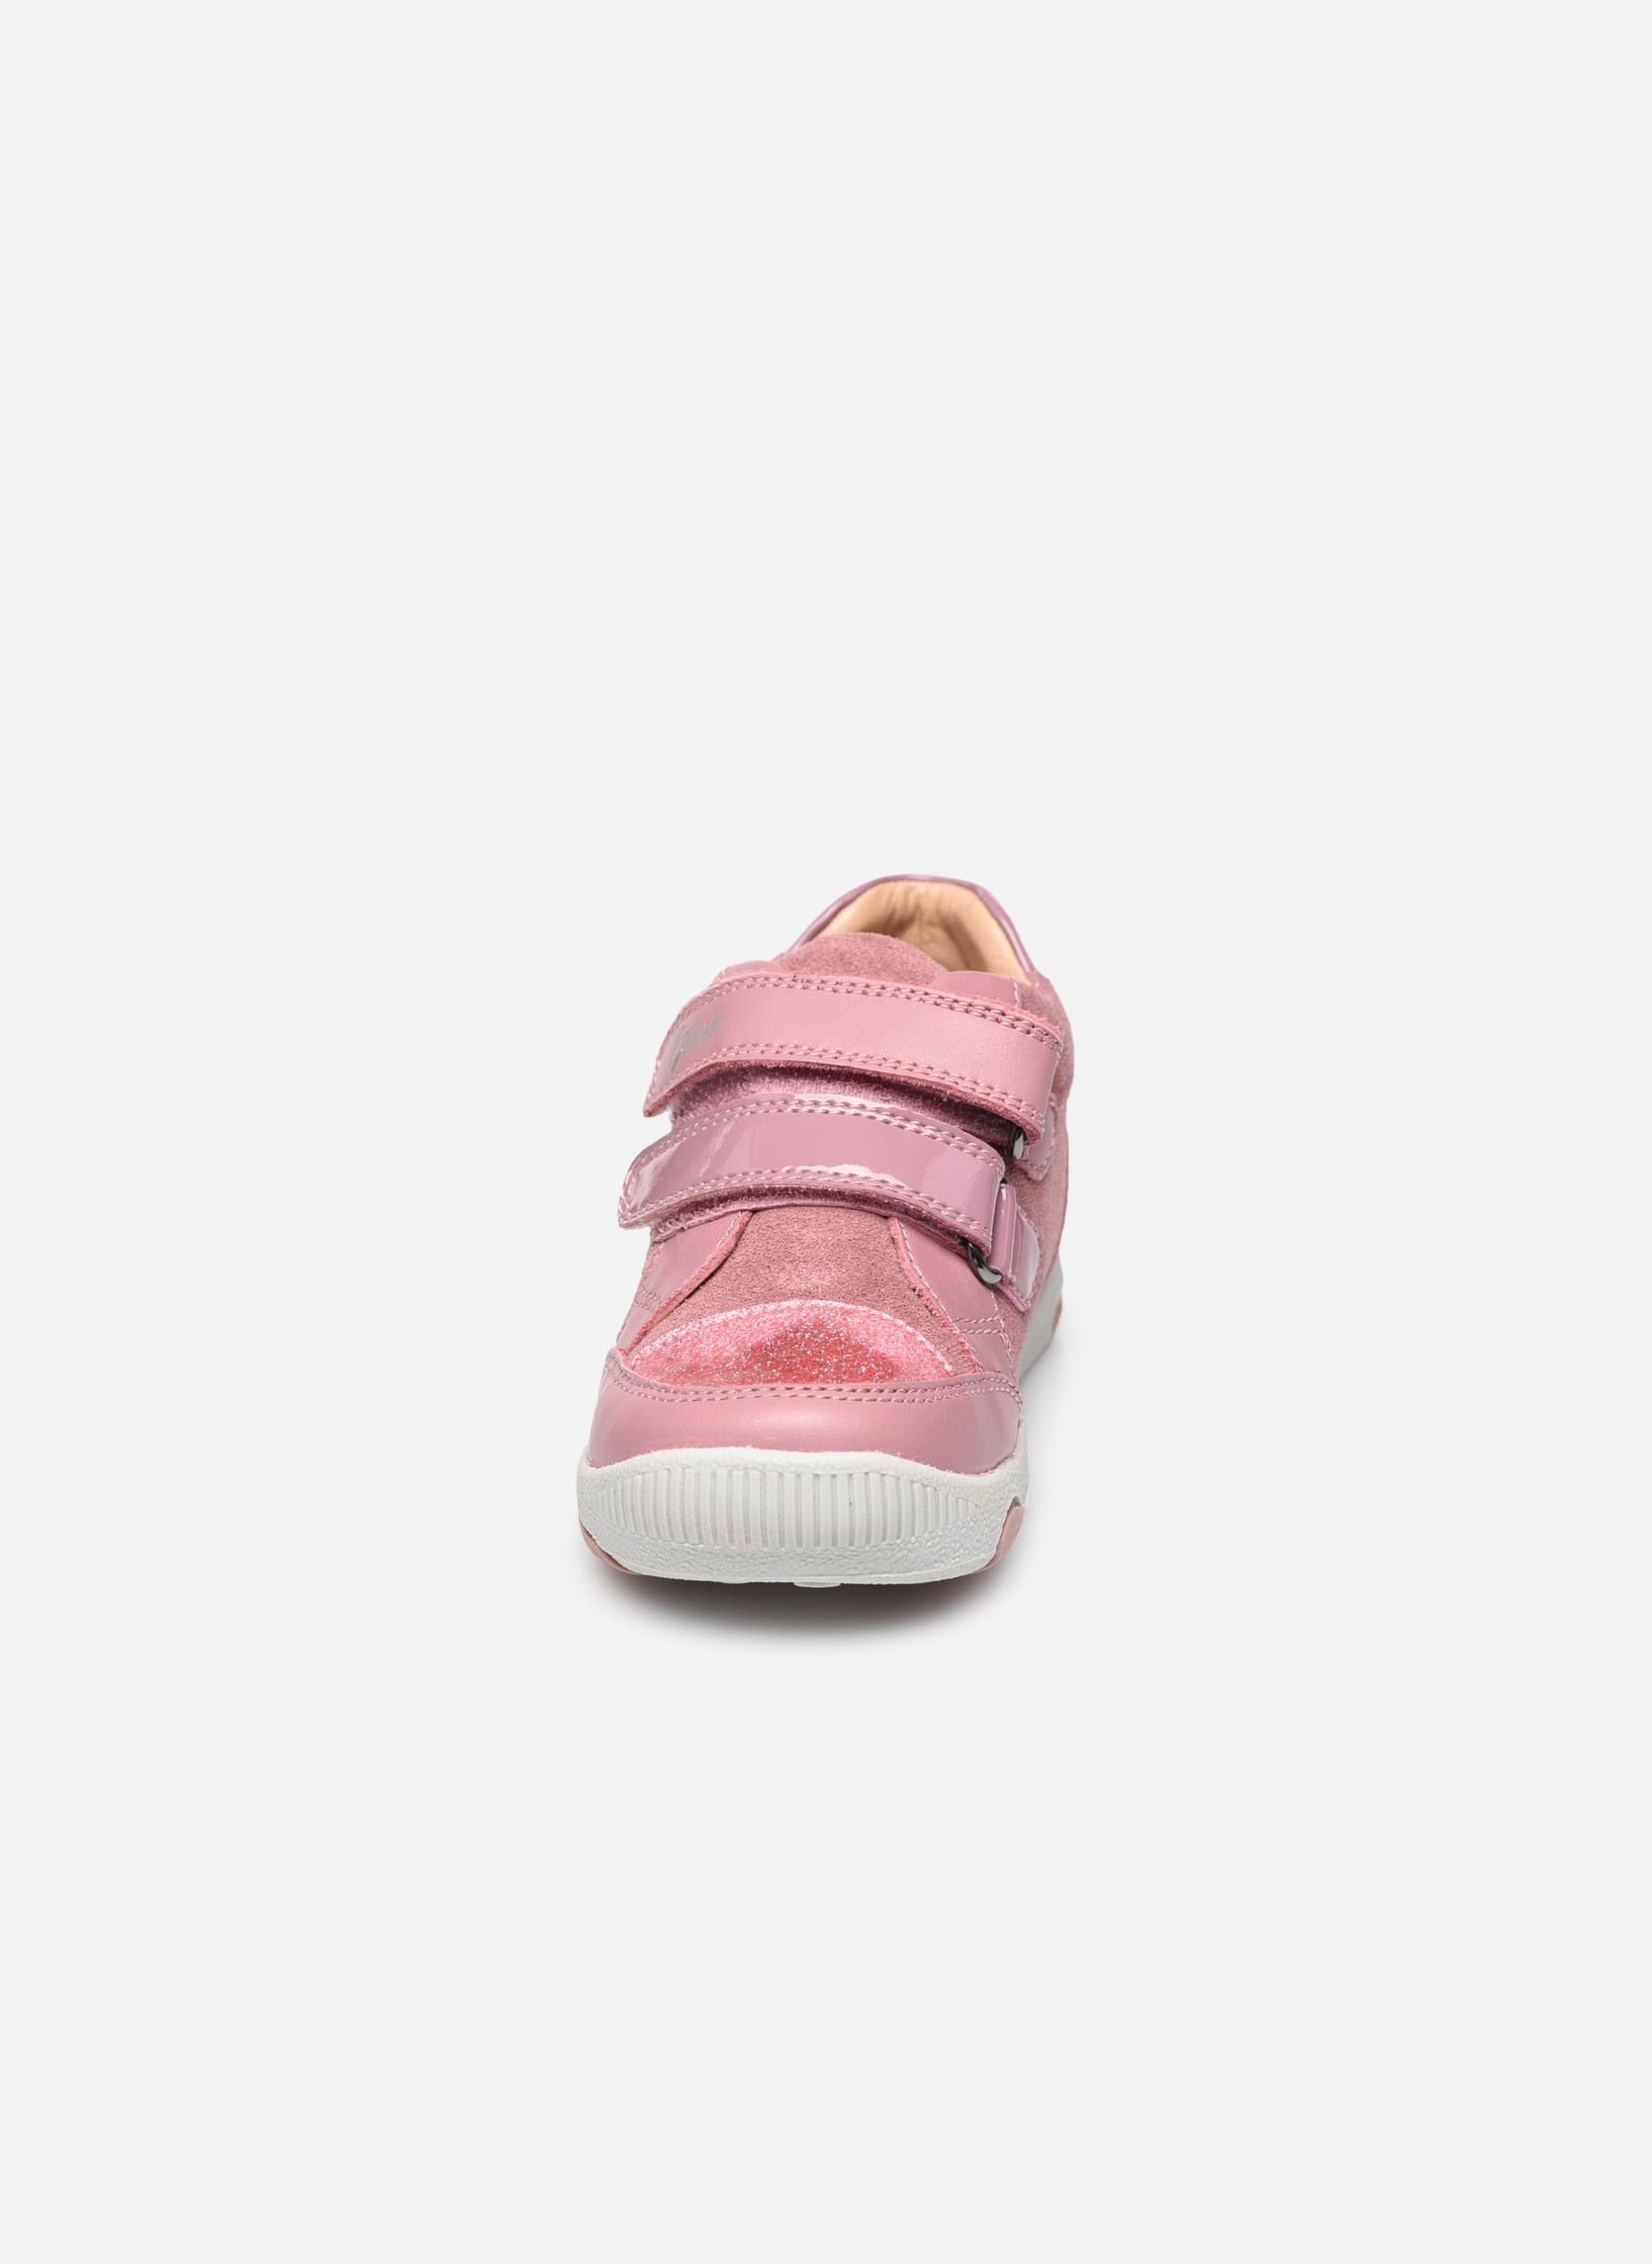 B N. Balu G. C B740QC dk pink